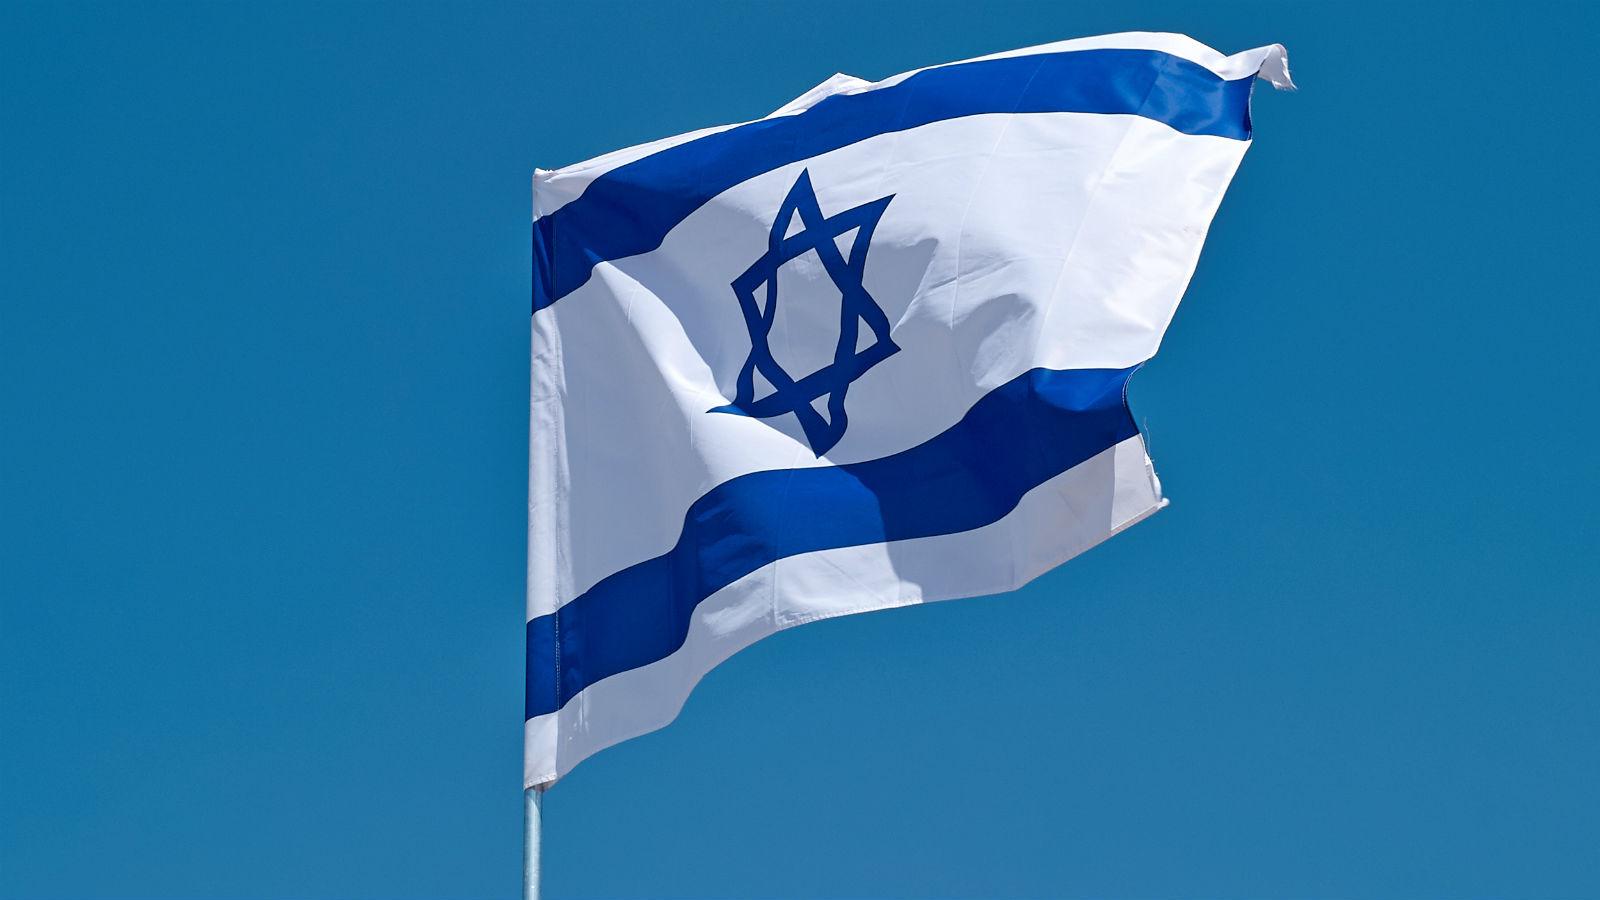 Image result for israel flag images